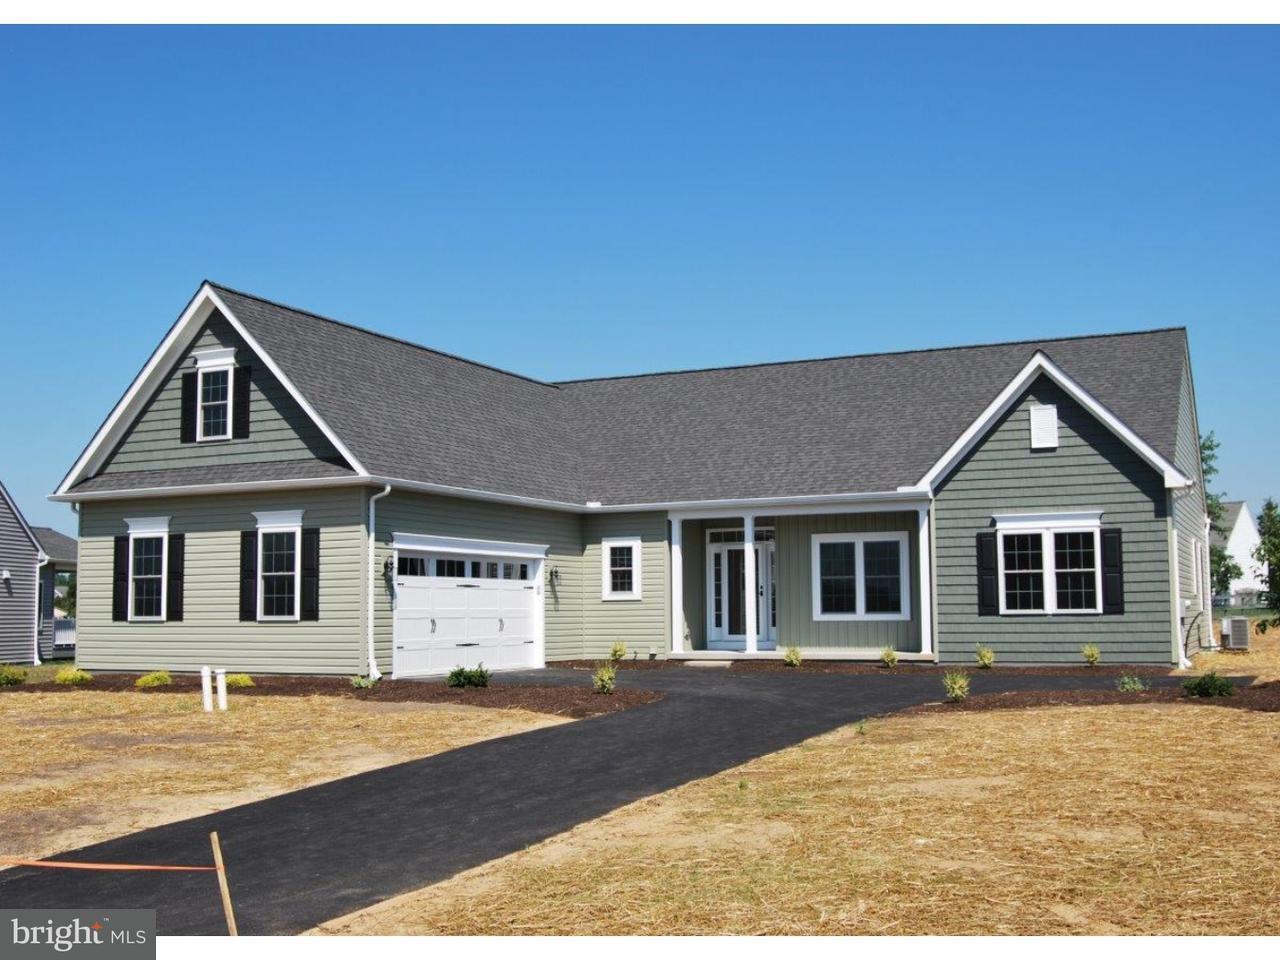 Maison unifamiliale pour l Vente à 634 WILLOW Lane Atglen, Pennsylvanie 19310 États-Unis